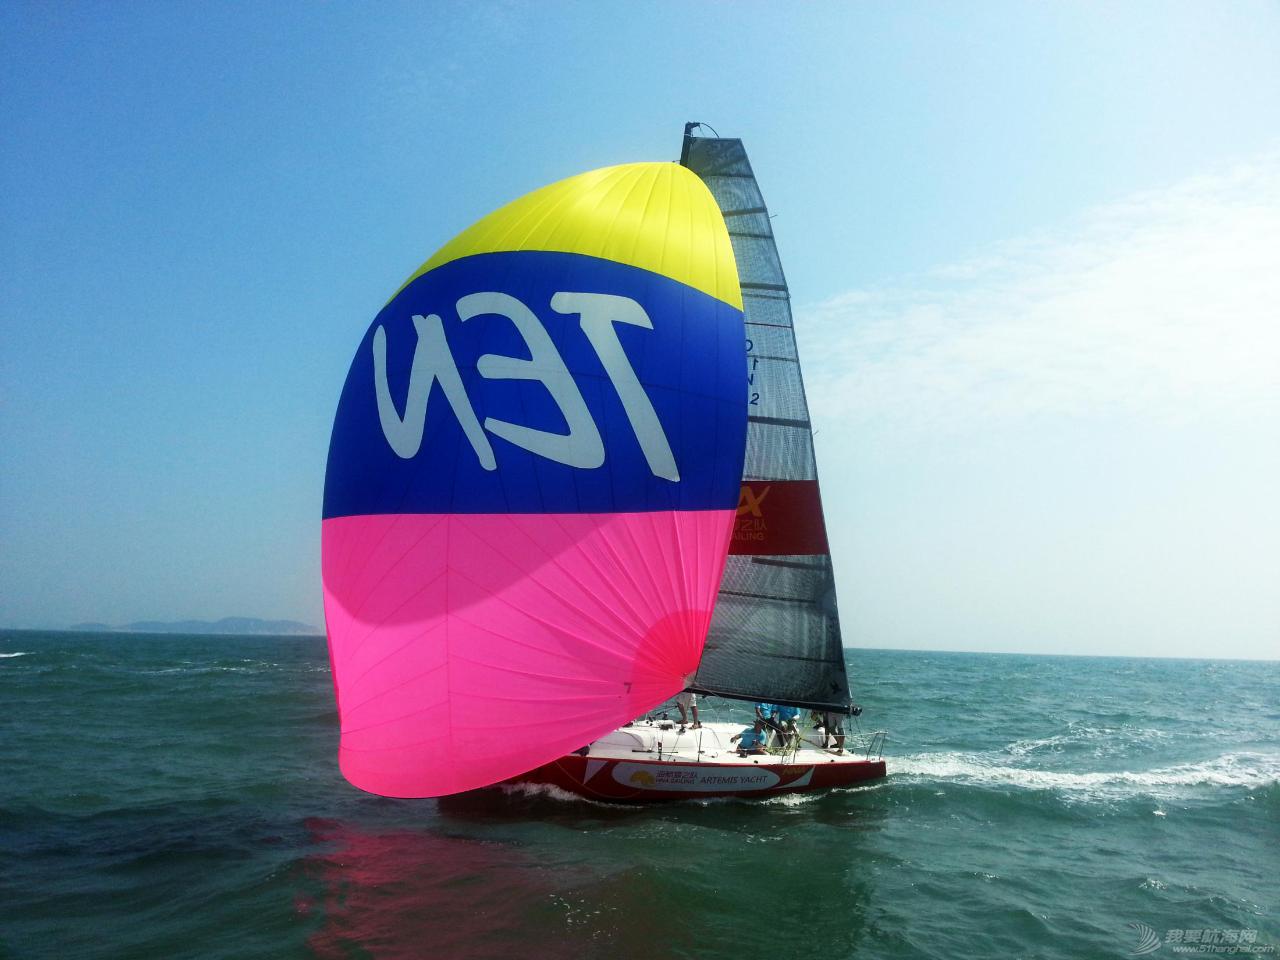 万达海公馆杯企业帆船赛|赛事指南 031e4908f457f51f001c1557232071a0.png